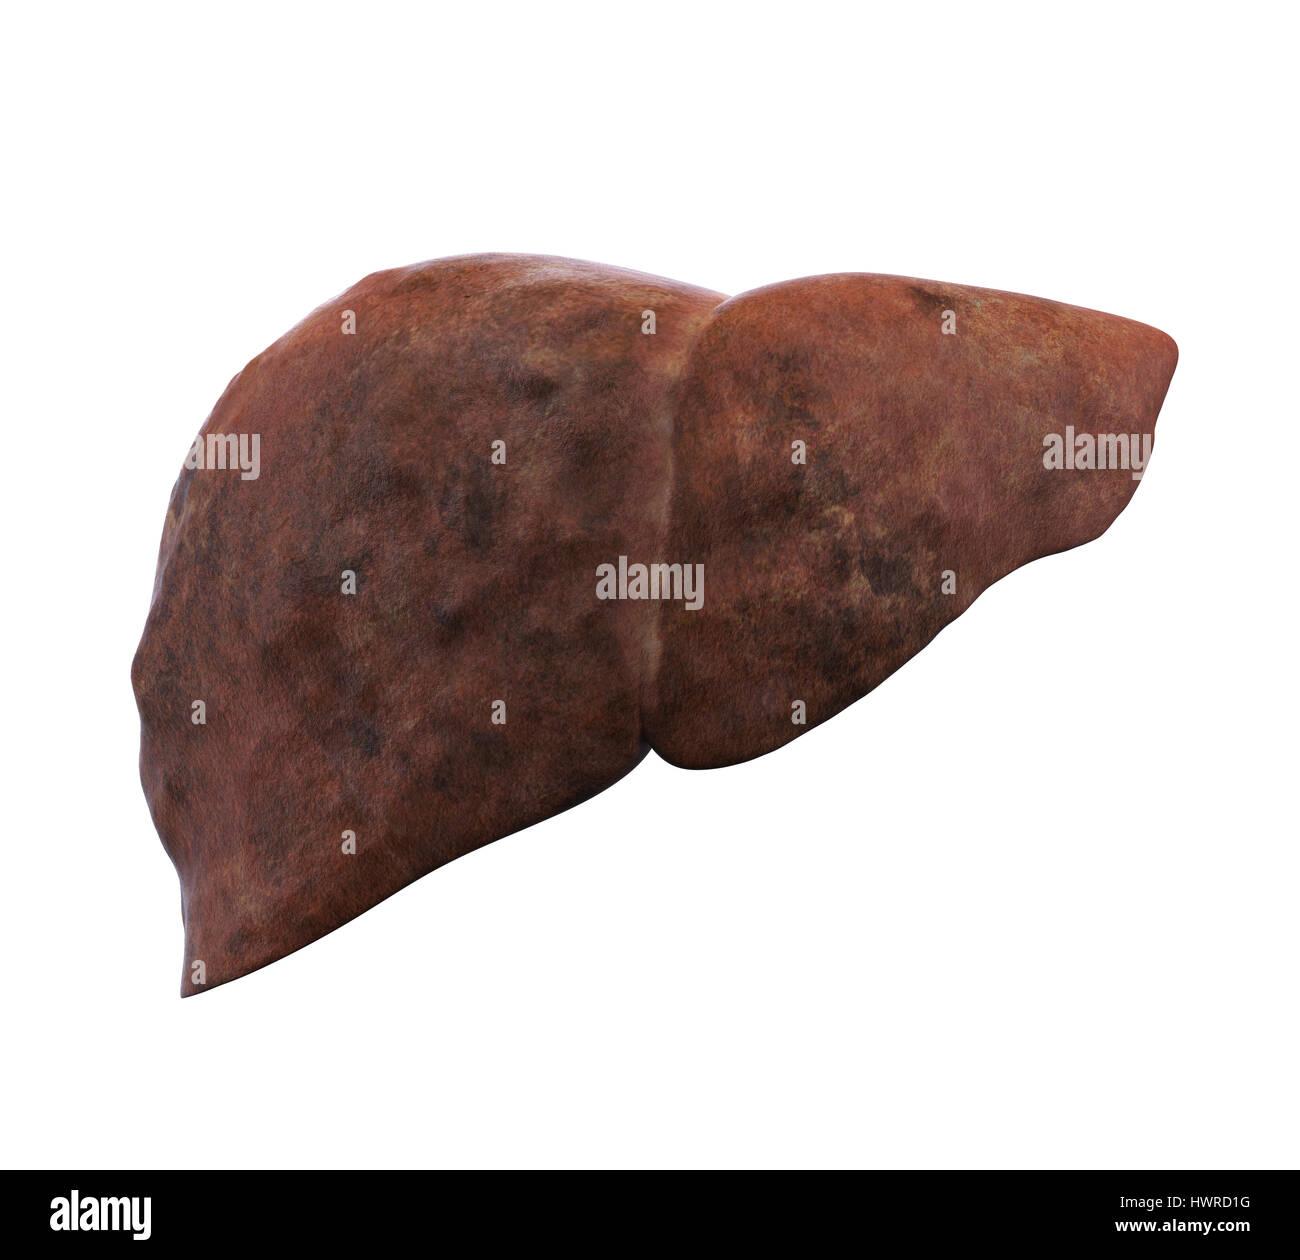 Ligamentum Photos & Ligamentum Images - Alamy